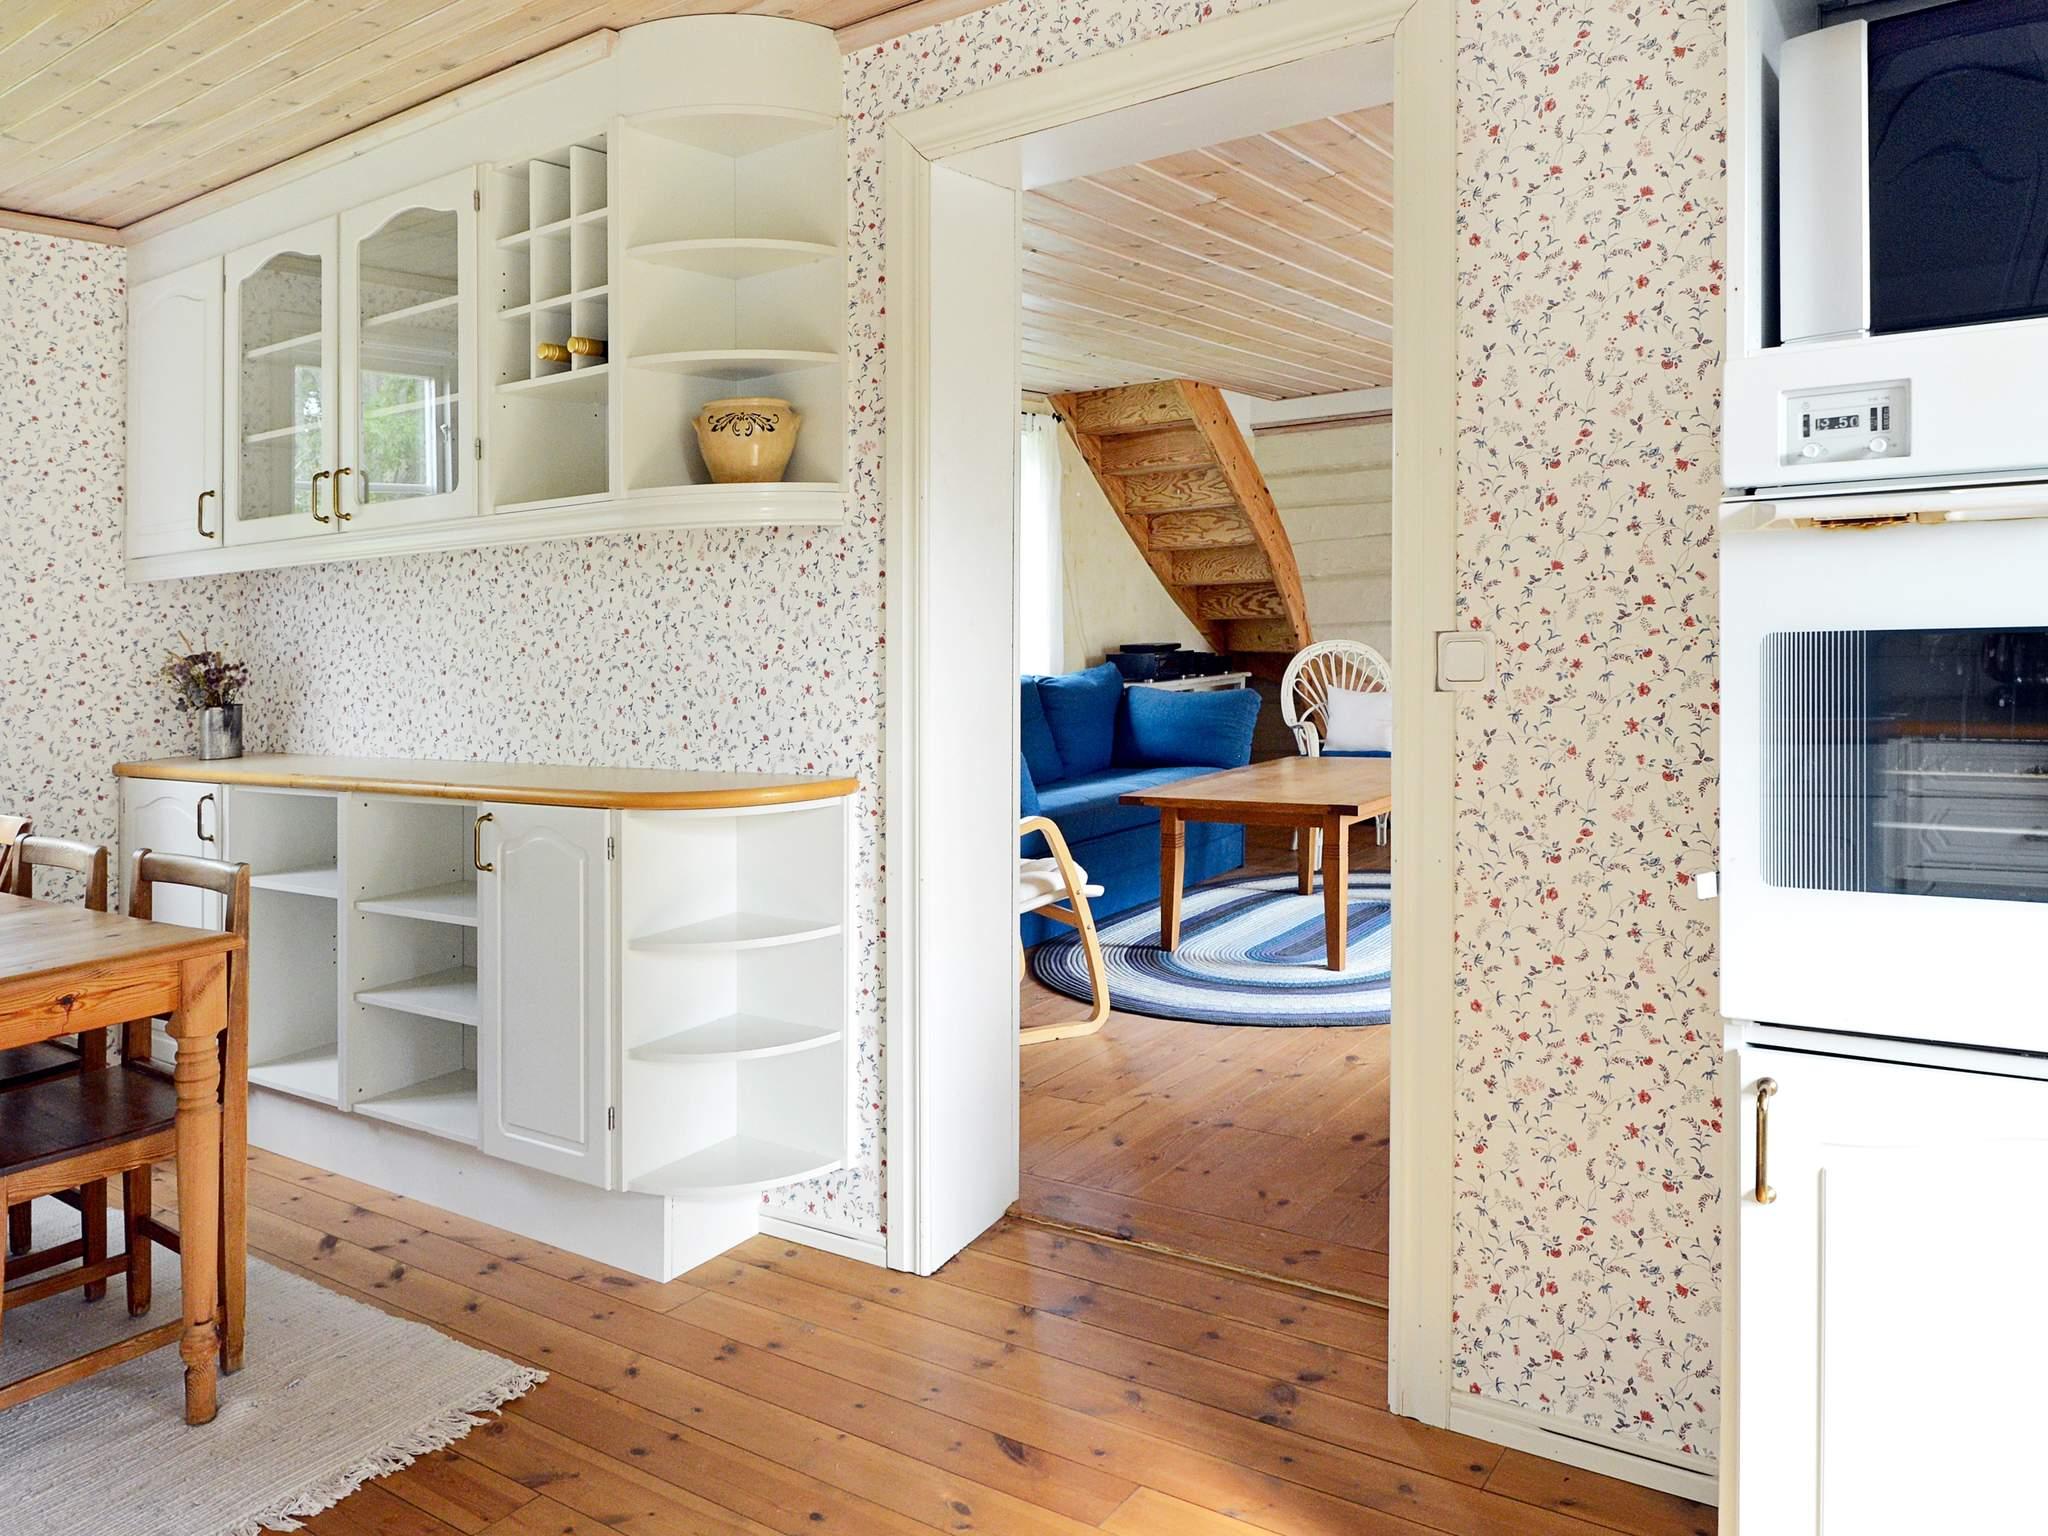 Ferienhaus Strängnäs (93280), Strängnäs, Södermanlands län, Mittelschweden, Schweden, Bild 3